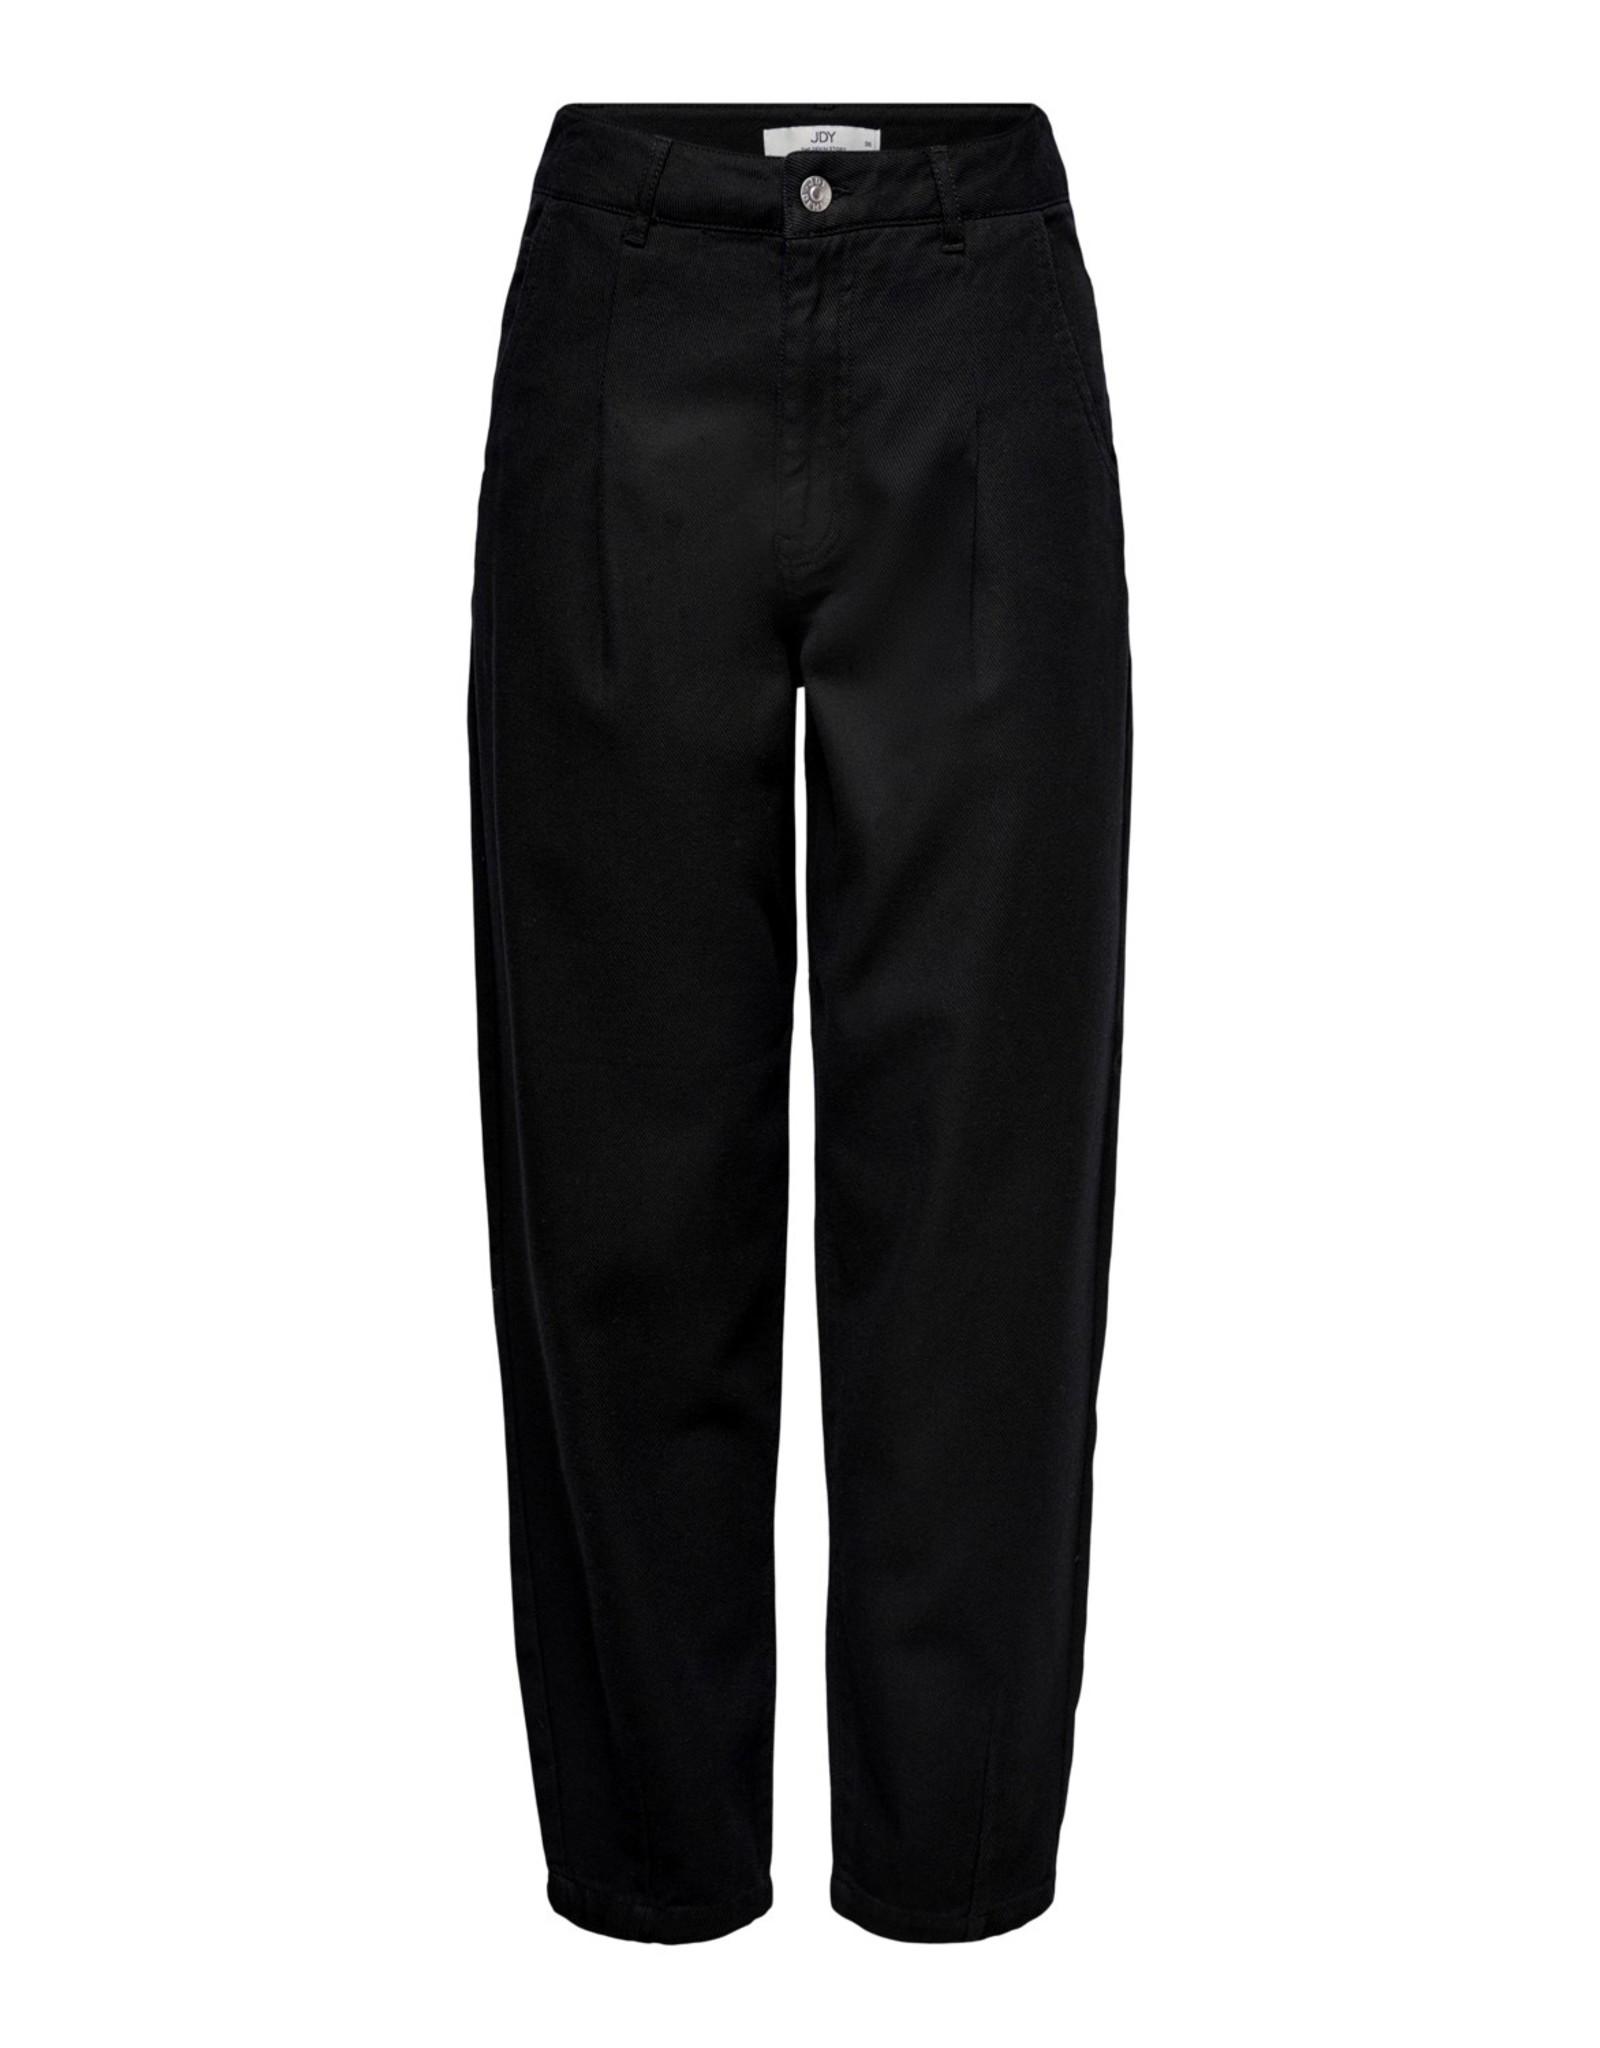 MADDIE SLOUCHY ANKLE PANTS BLACK